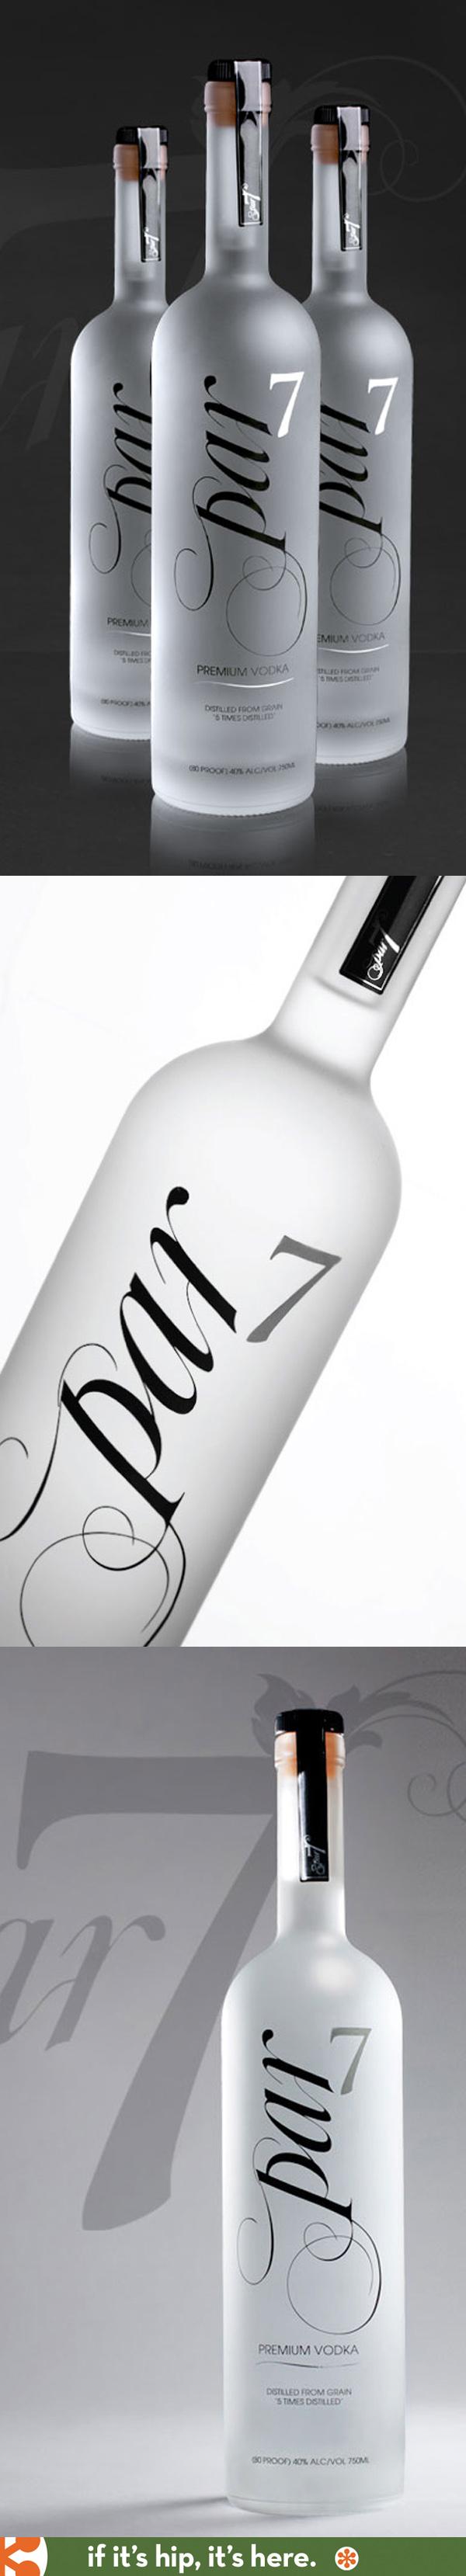 Par 7 Premium Vodka bottle